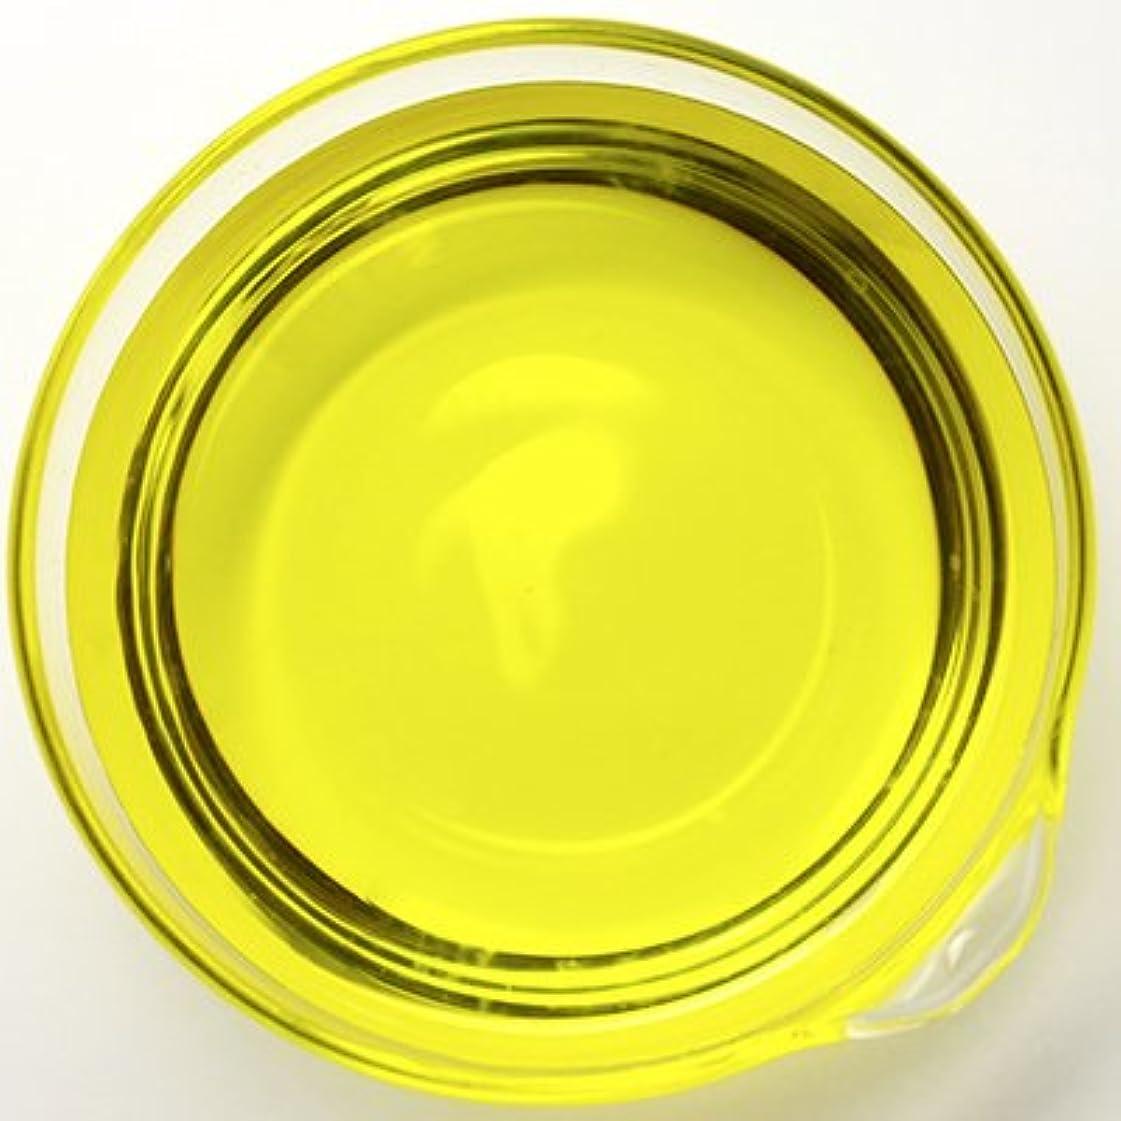 重大風景逆説オーガニック ボリジオイル [ボラージオイル] 1L 【ルリヂシャ油/手作りコスメ/美容オイル/キャリアオイル/マッサージオイル】